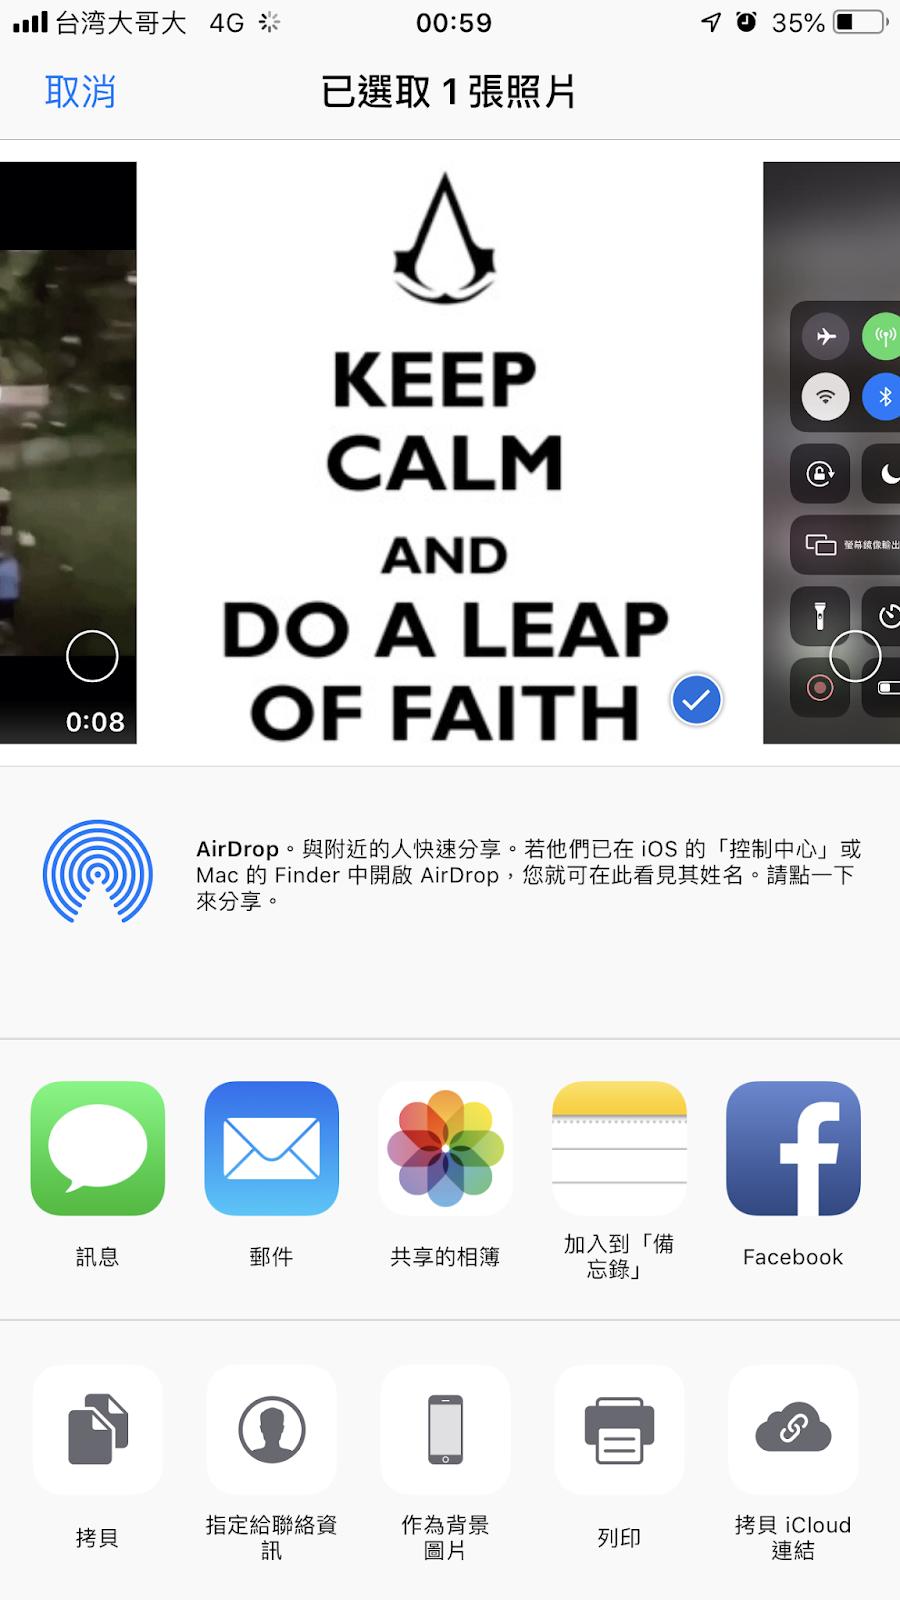 IG限時動態一鍵加入多張照片|免使用 unfold,inshot 任何 App|iphone 相簿內建功能 - 小食日記